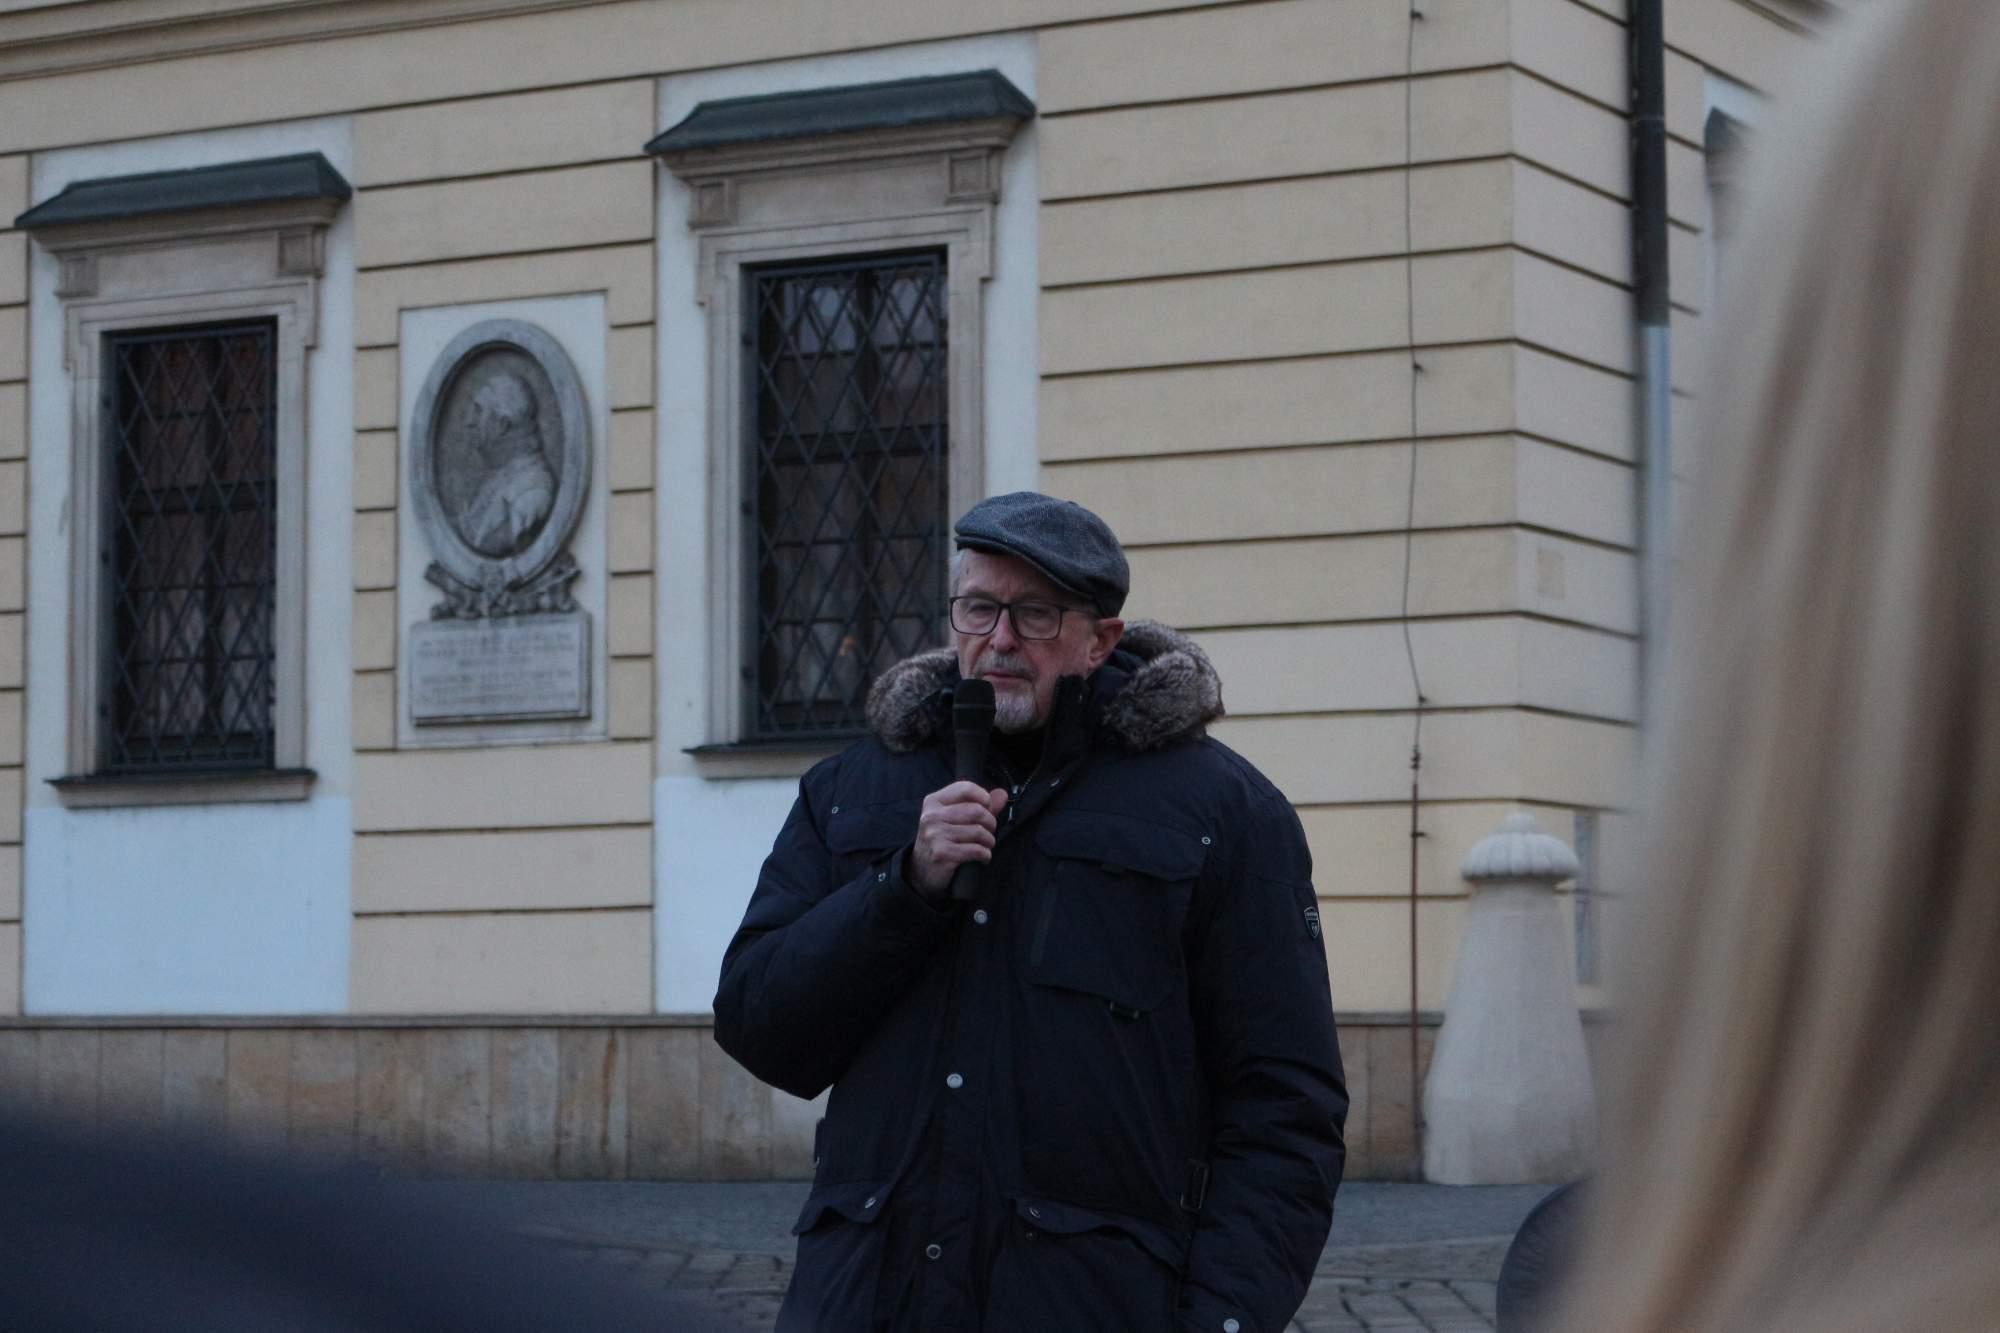 """Svoj názor vyjadril aj spisovateľ Pavel Švanda. """"Môžeme povedať, že politici žijú v inom svete. To ale neznamená, že protestom nemôžeme vyjadriť  svoj nesúhlas. Novinárov môžeme podporiť tým, že budeme čítať a kriticky myslieť. Tým nepodpoříme len ich, ale aj demokraciu,"""" dodáva Švanda. Foto: Simona Gálová"""